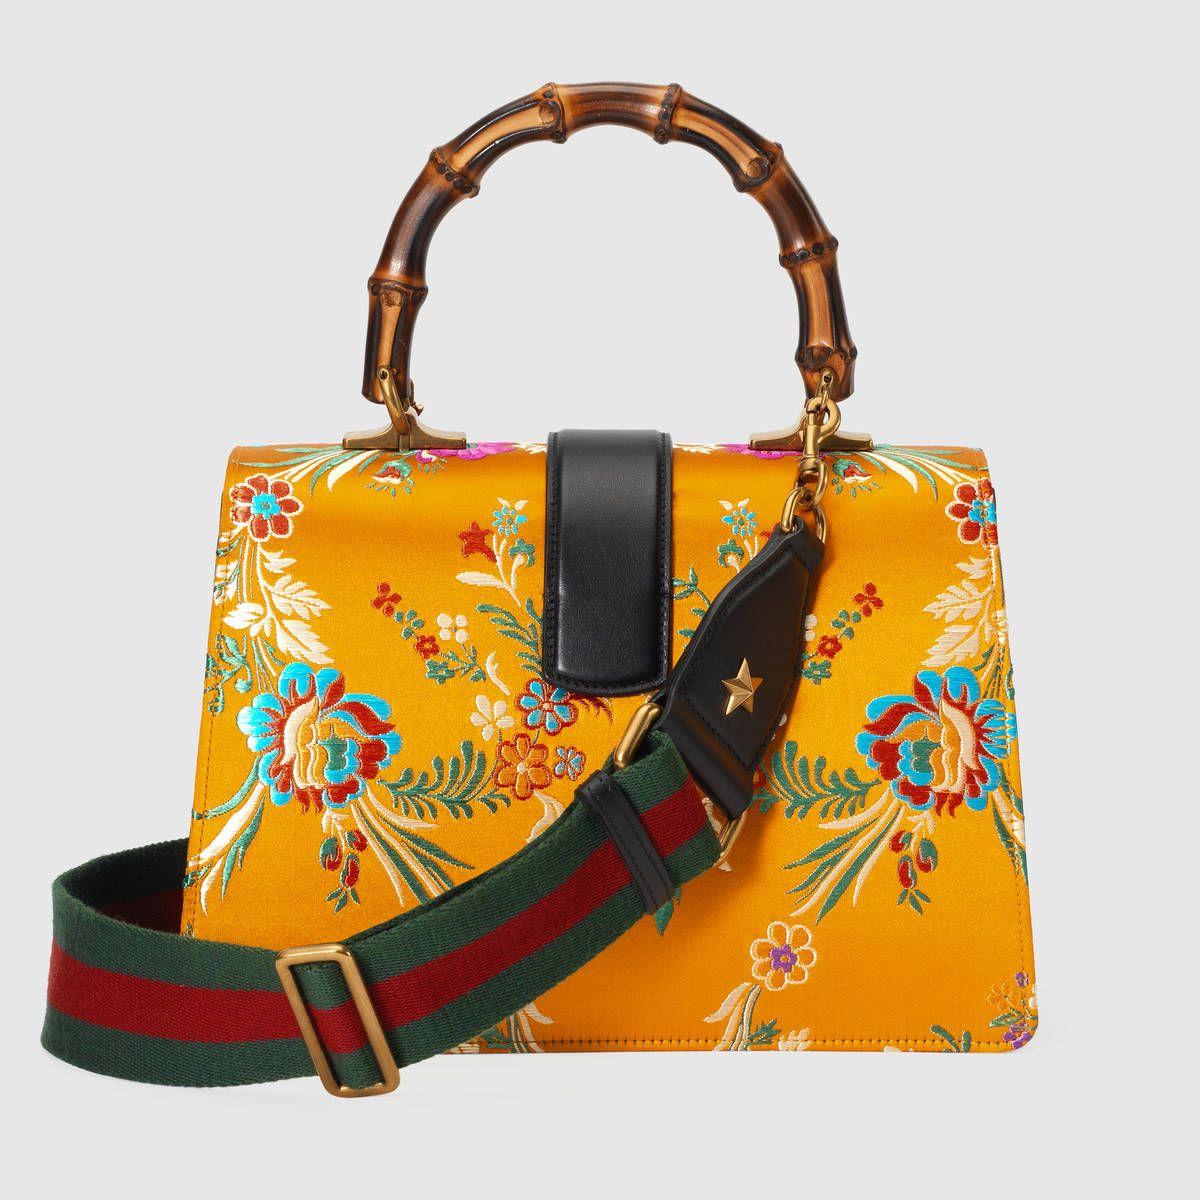 e4d7d823366 Gucci Dionysus floral jacquard top handle bag Detail 3